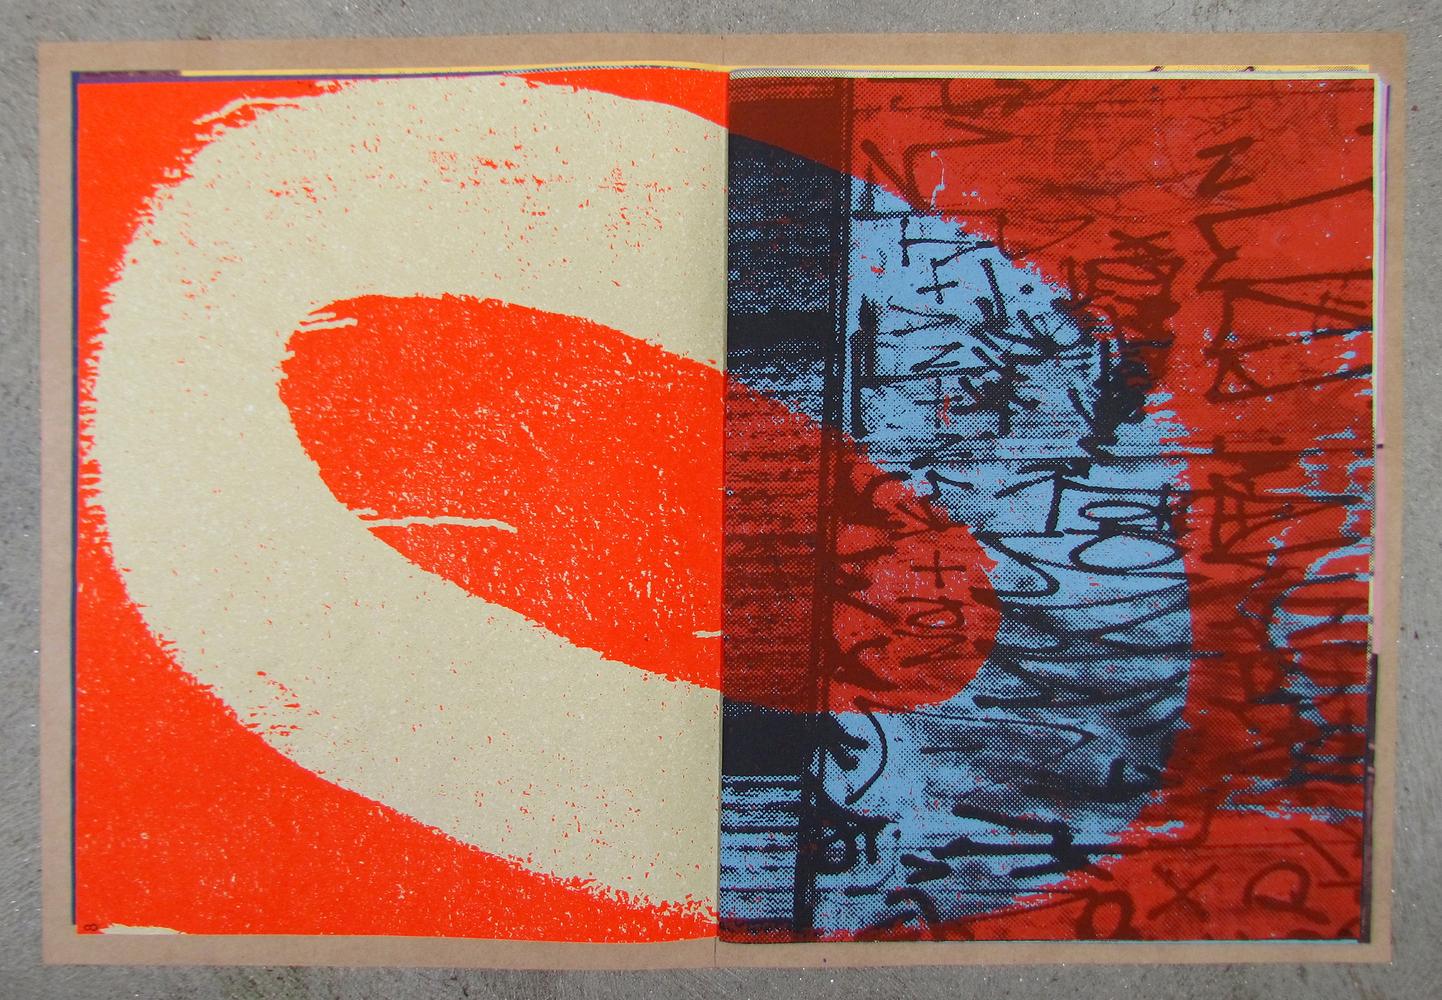 Tipos colados como cartazes [lambe-lambe] do arquiteto e artista gráfico Gilberto Tomé. Imagem: Reprodução.